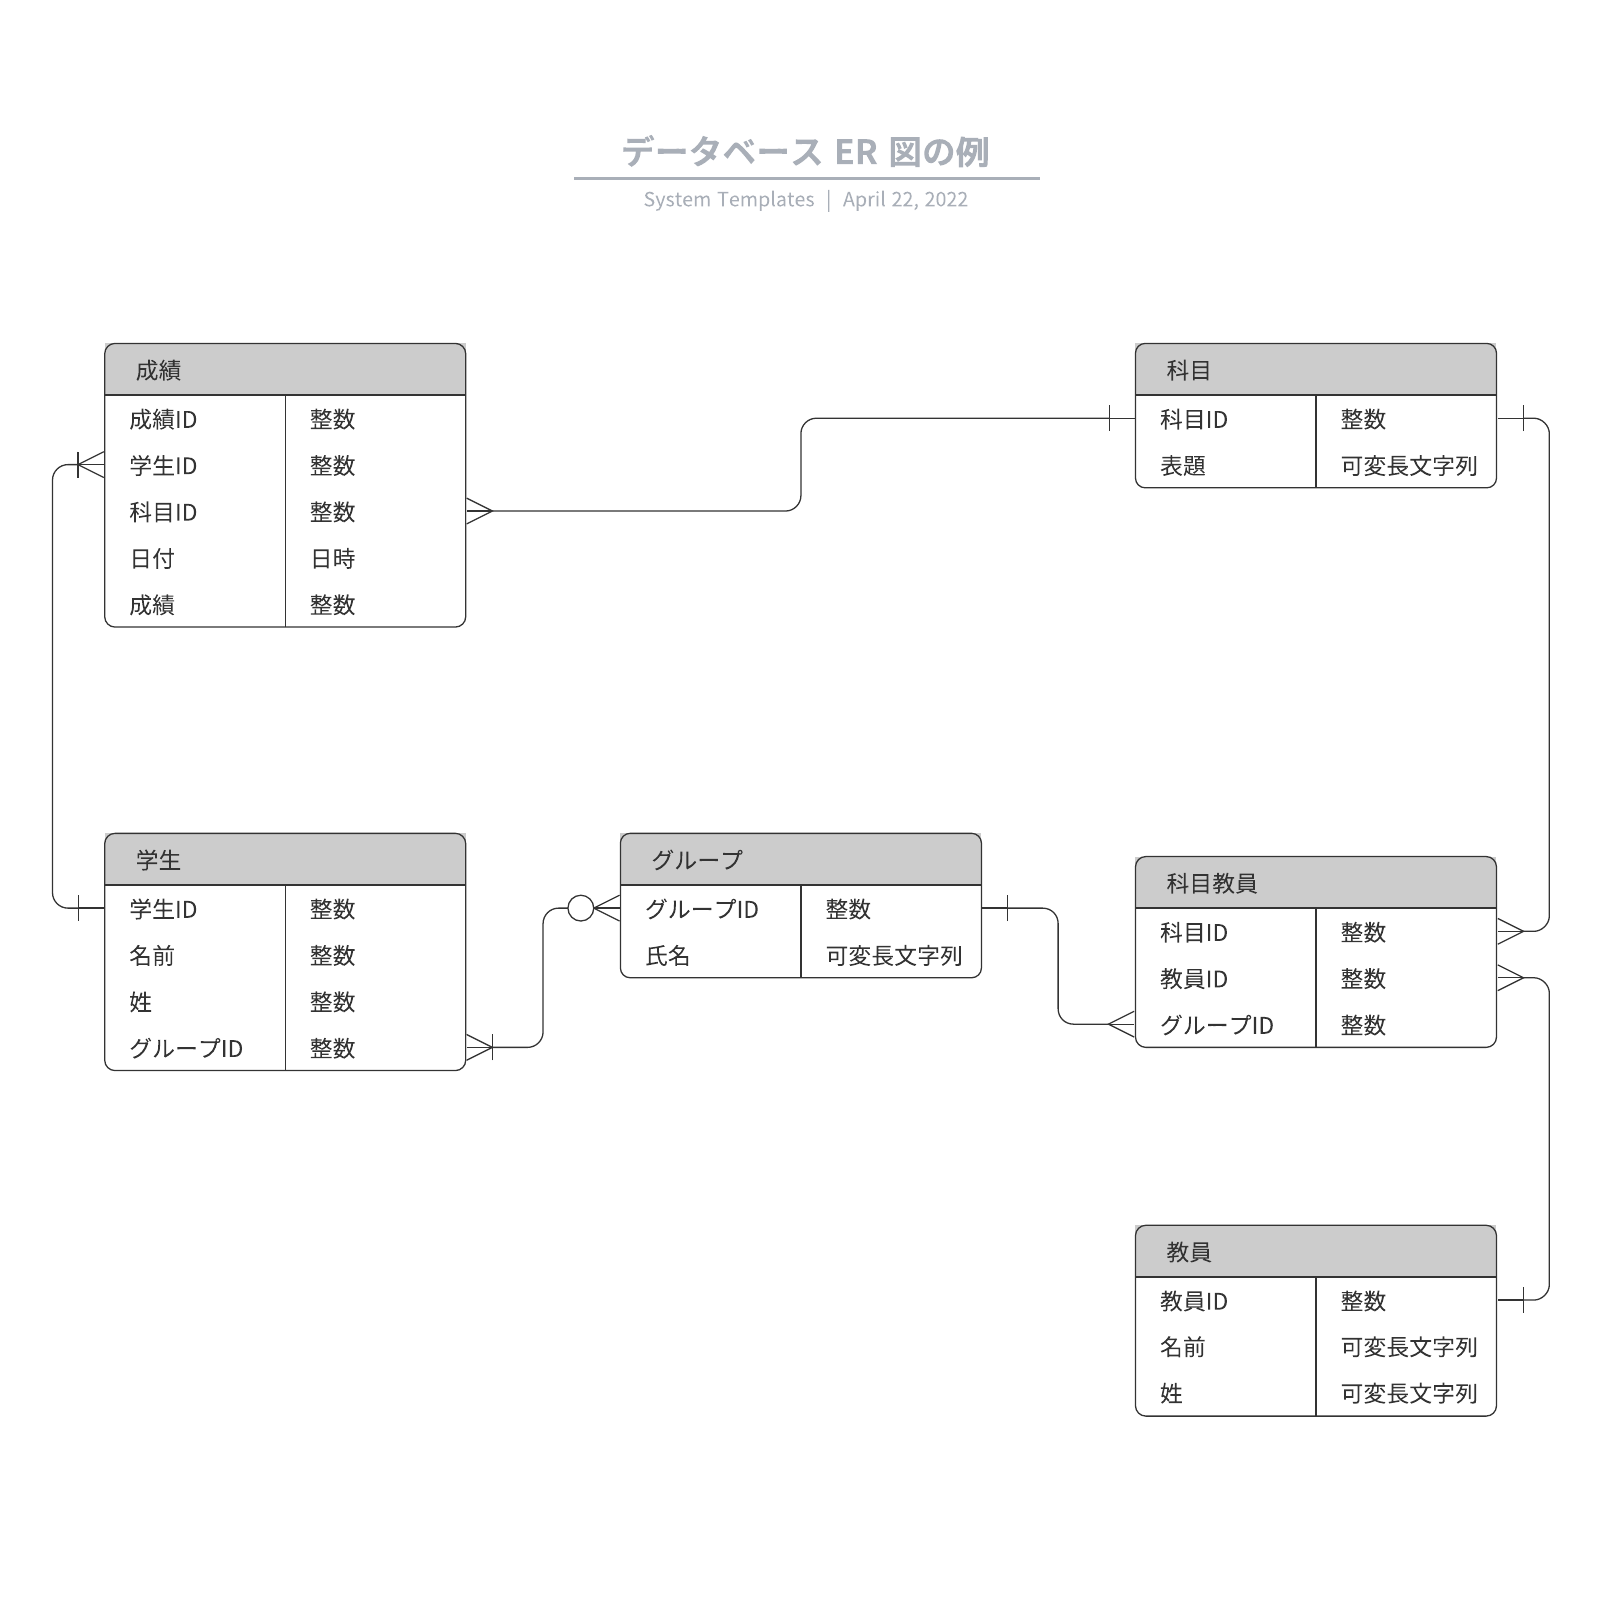 データベース ERD 図の例